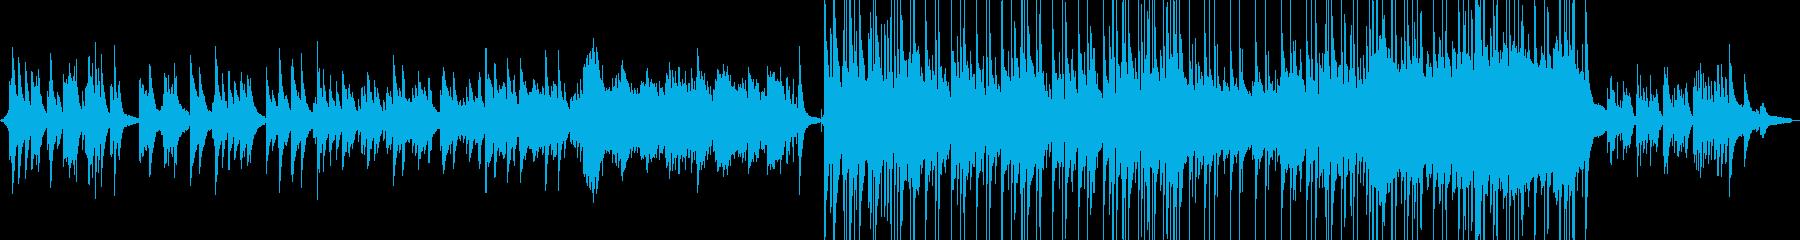 物語終盤を想定した切ないバラード ★の再生済みの波形